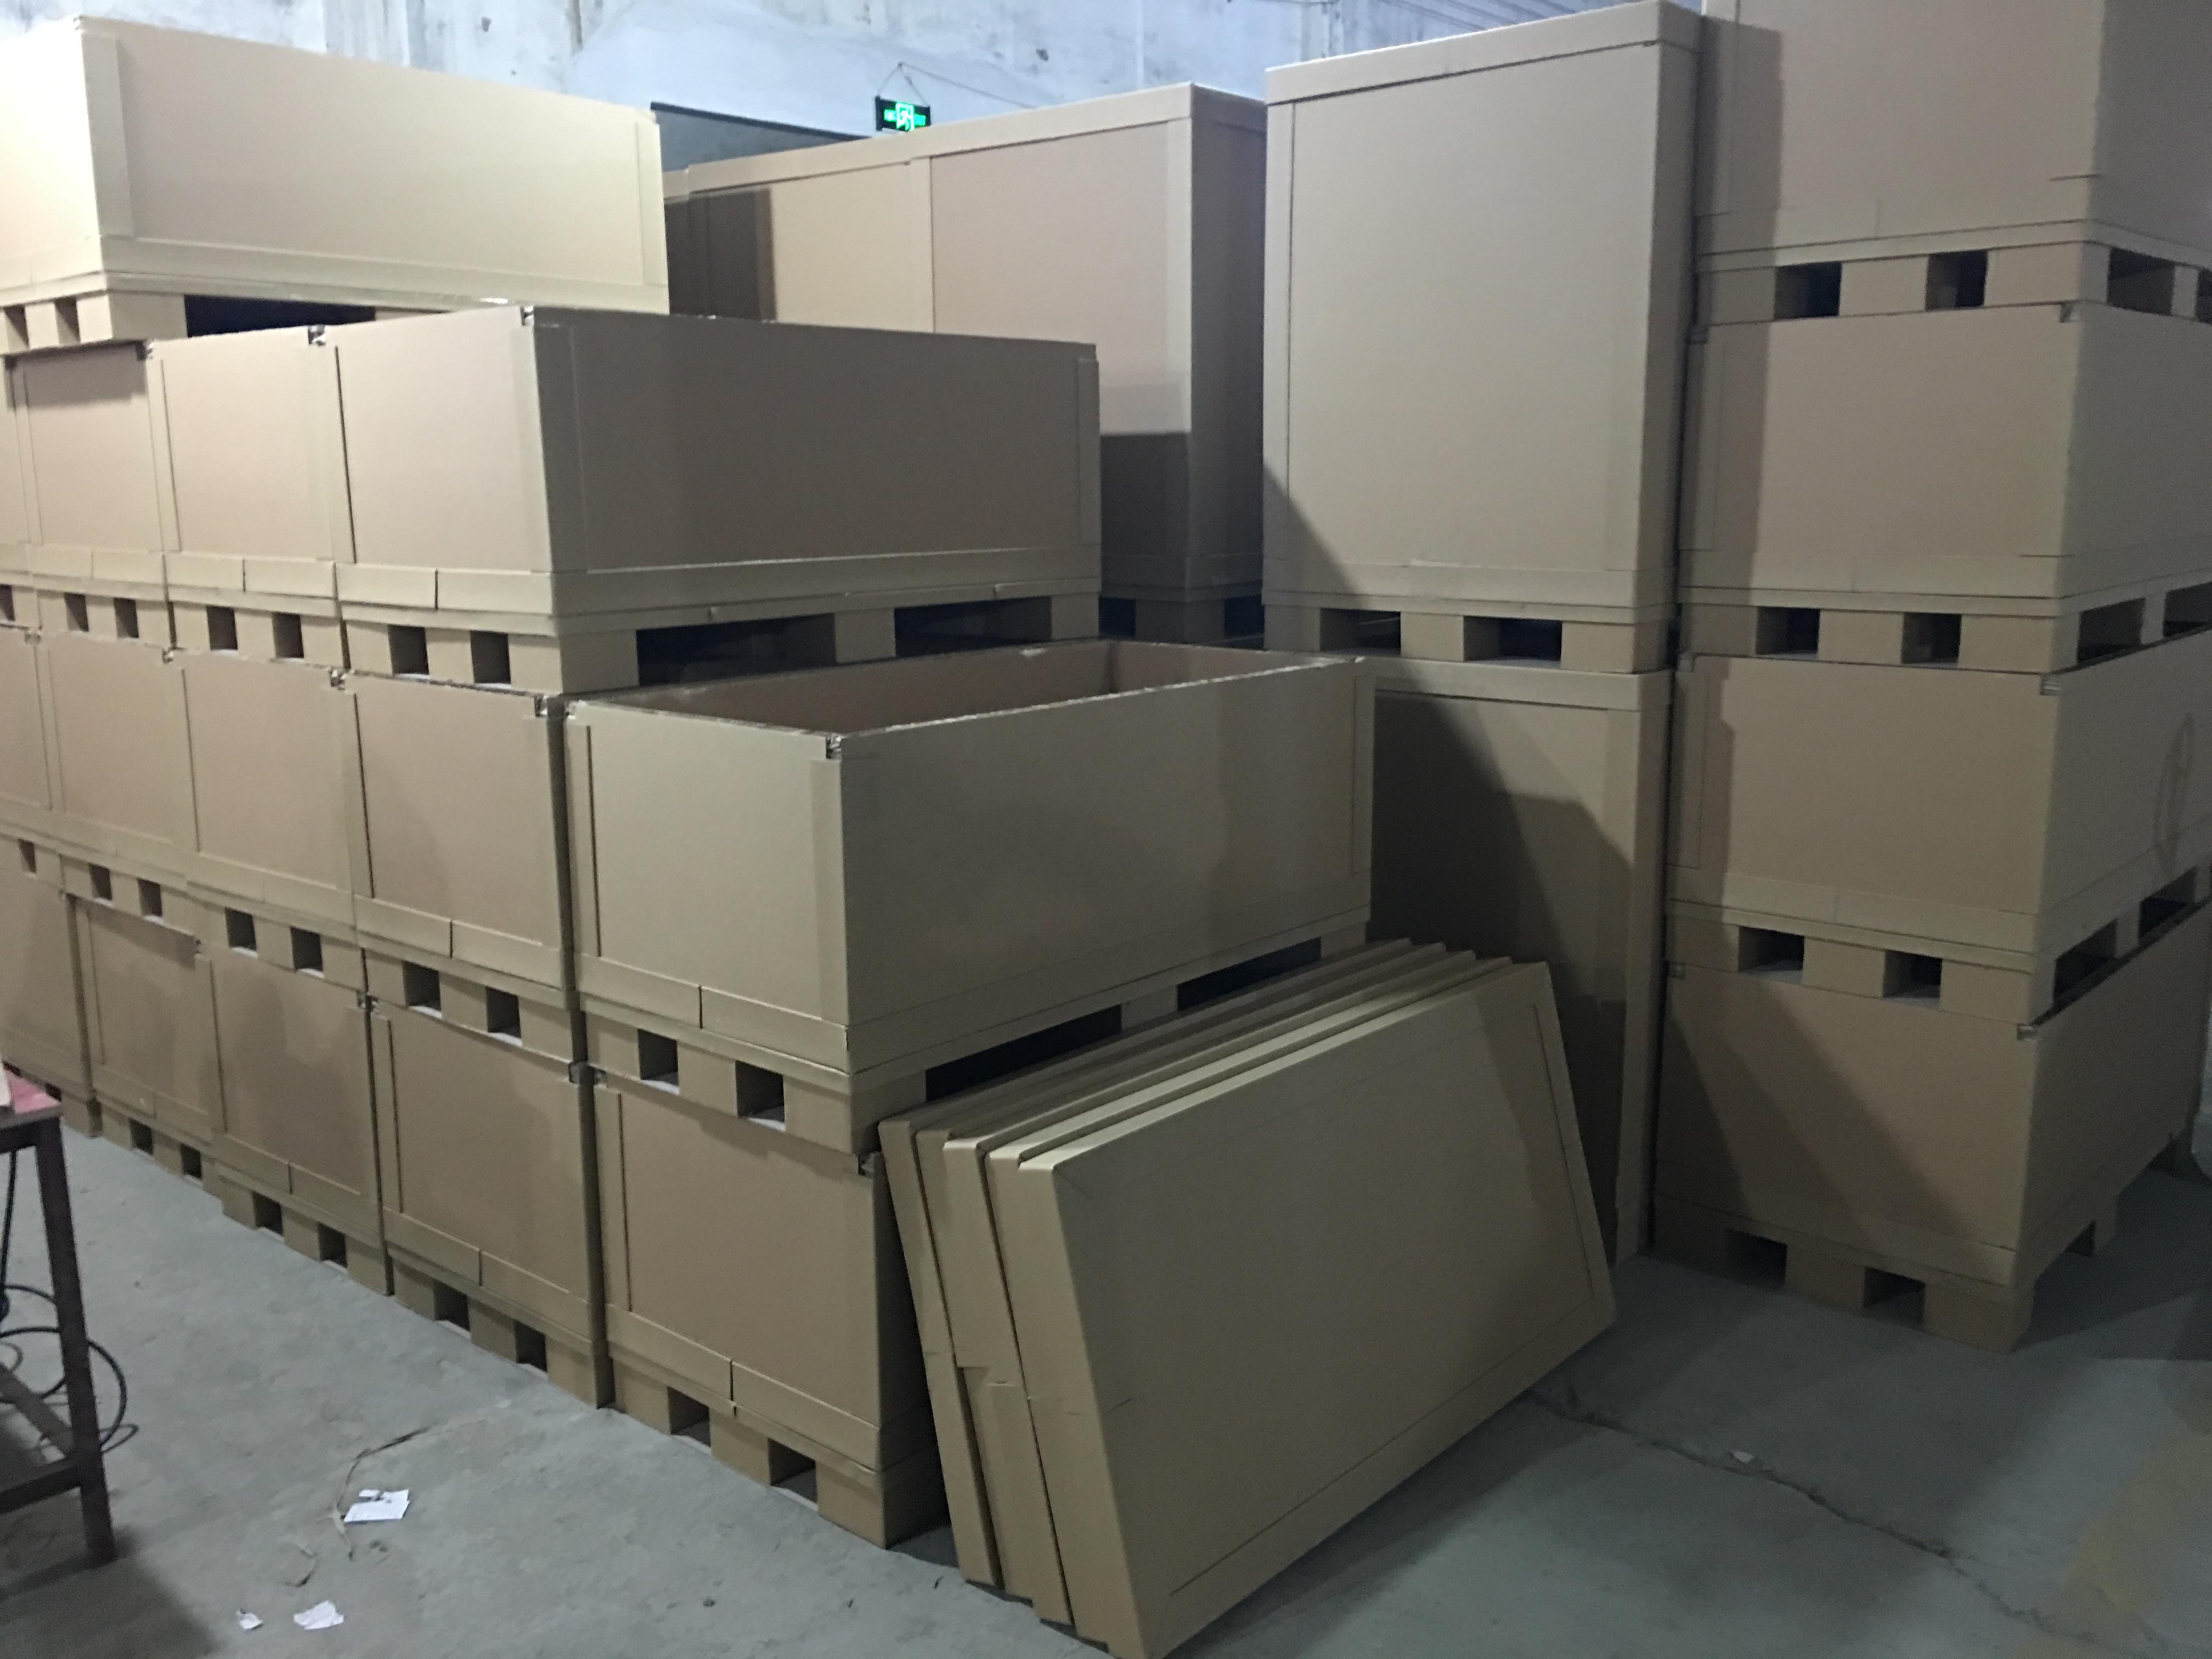 广东蜂窝纸箱 广州蜂窝纸箱厂家价格 广州蜂窝纸箱供应商 蜂窝纸箱订做 优质蜂窝纸箱